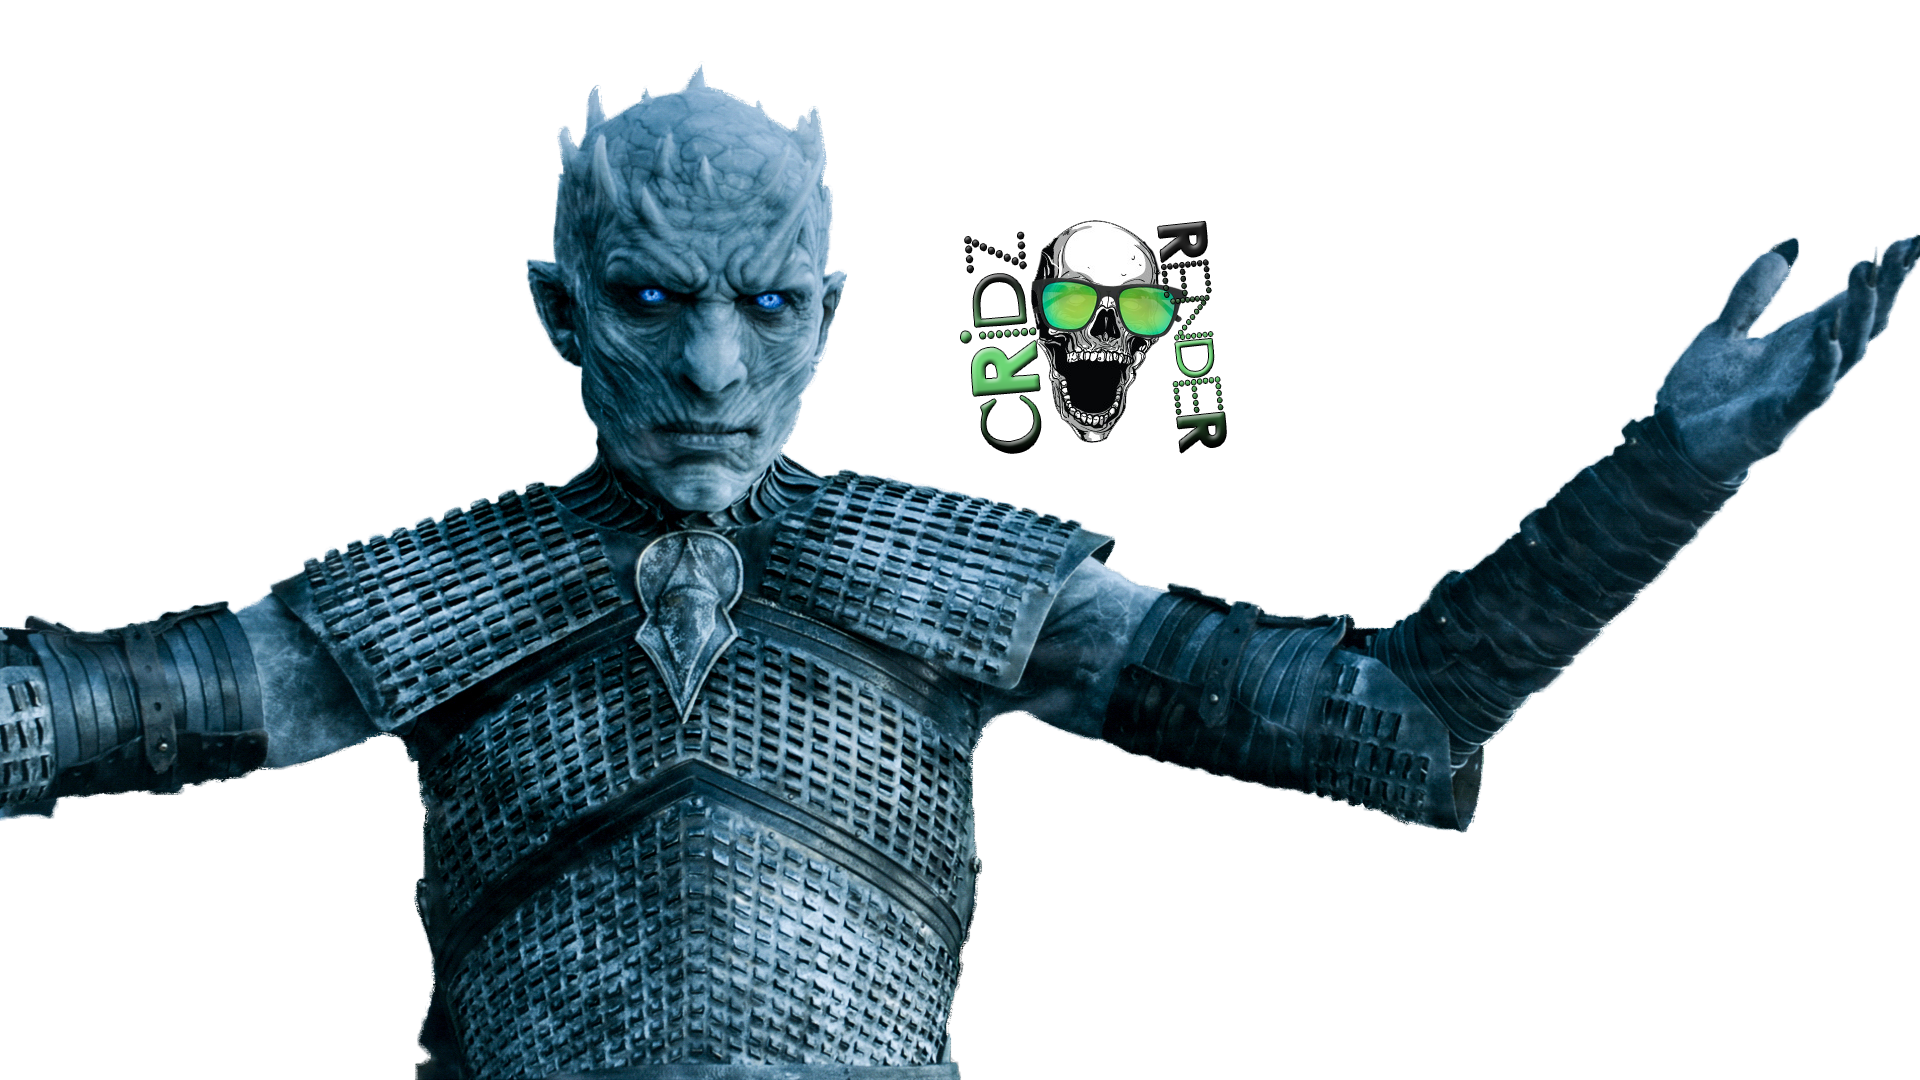 Game Of Thrones Render By CriDz On DeviantArt